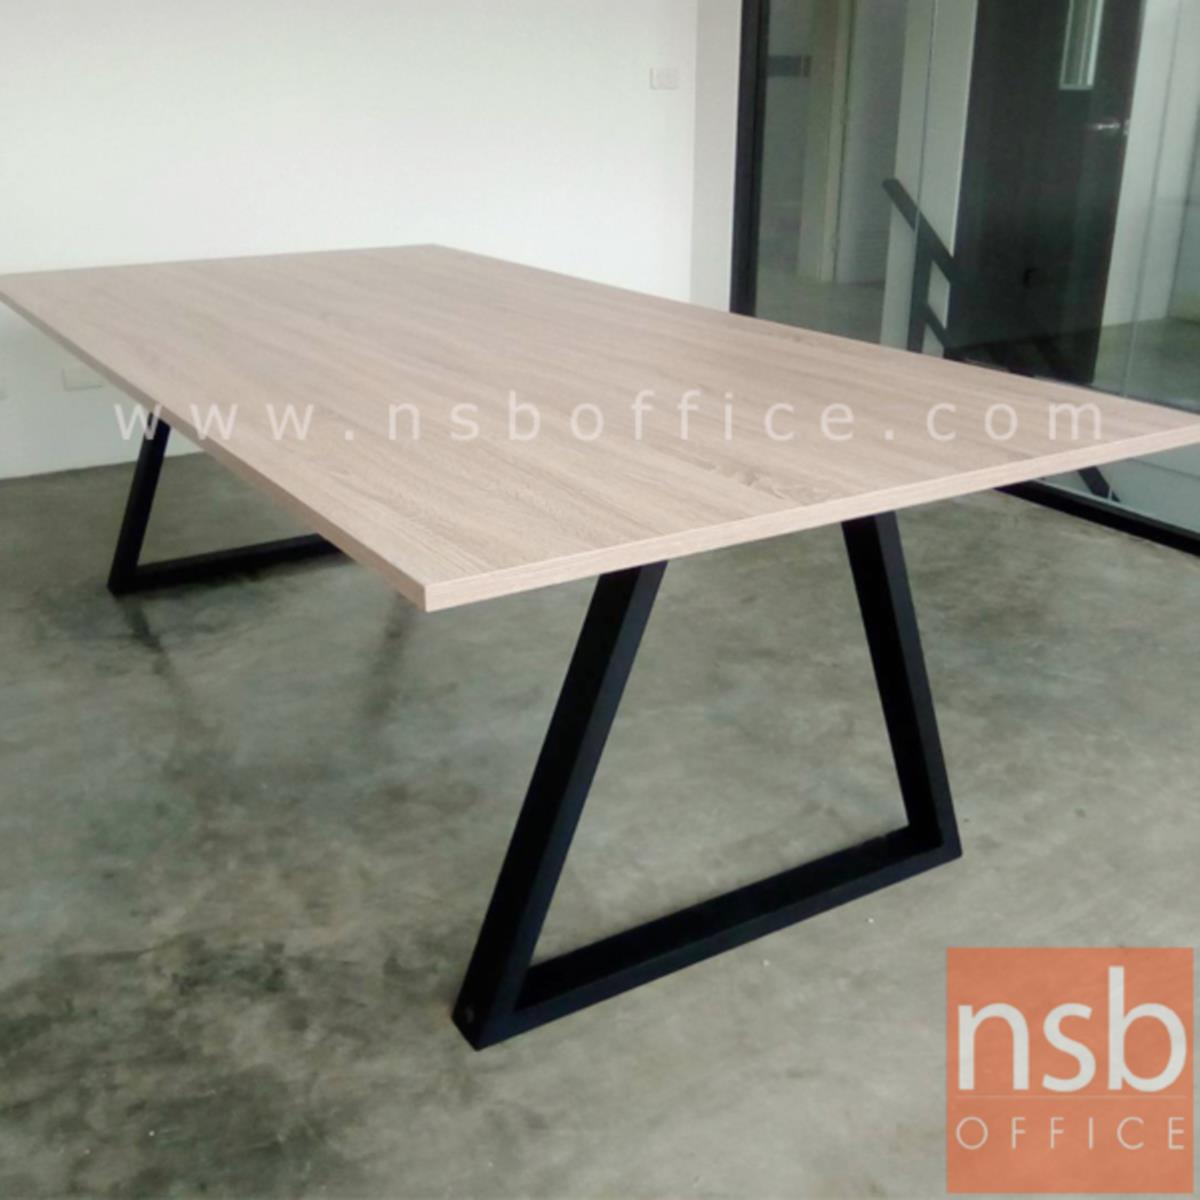 โต๊ะประชุมทรงสี่เหลี่ยม รุ่น  Harington (แฮริงตัน) ขนาด 240W cm. ขาทรงสามเหลี่ยม